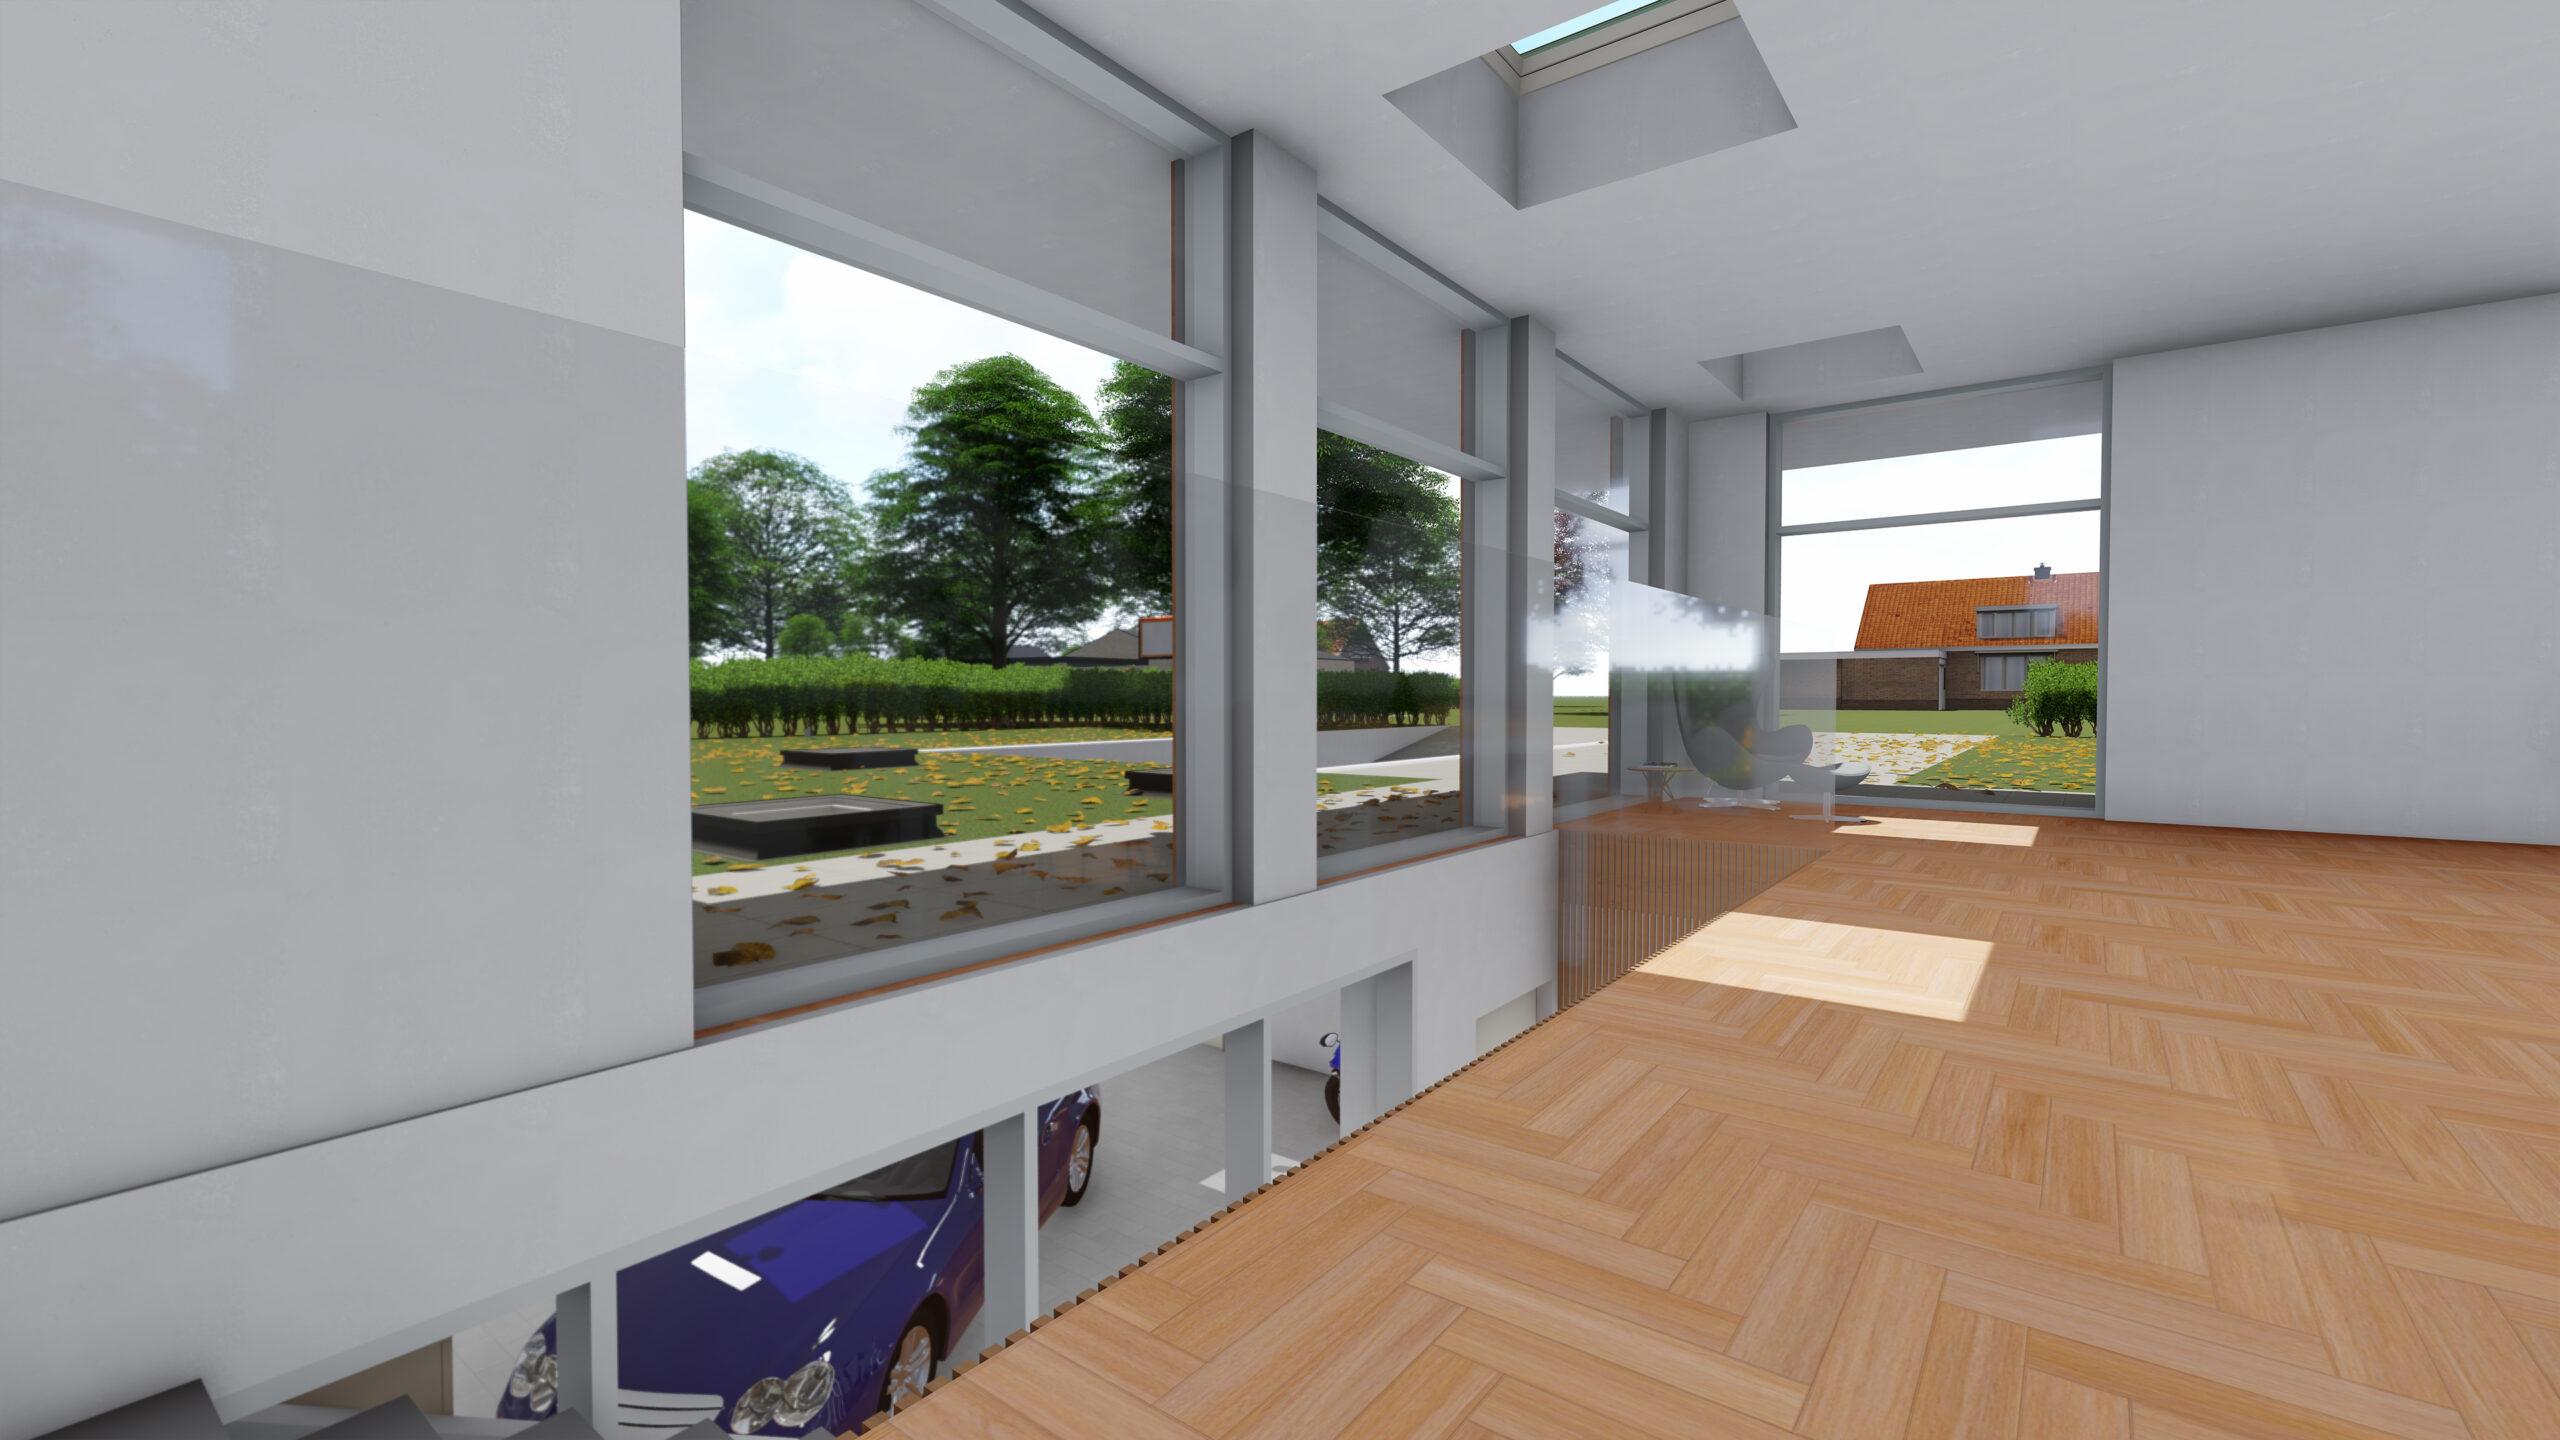 Ptoftdal - Stor hus - stue 2